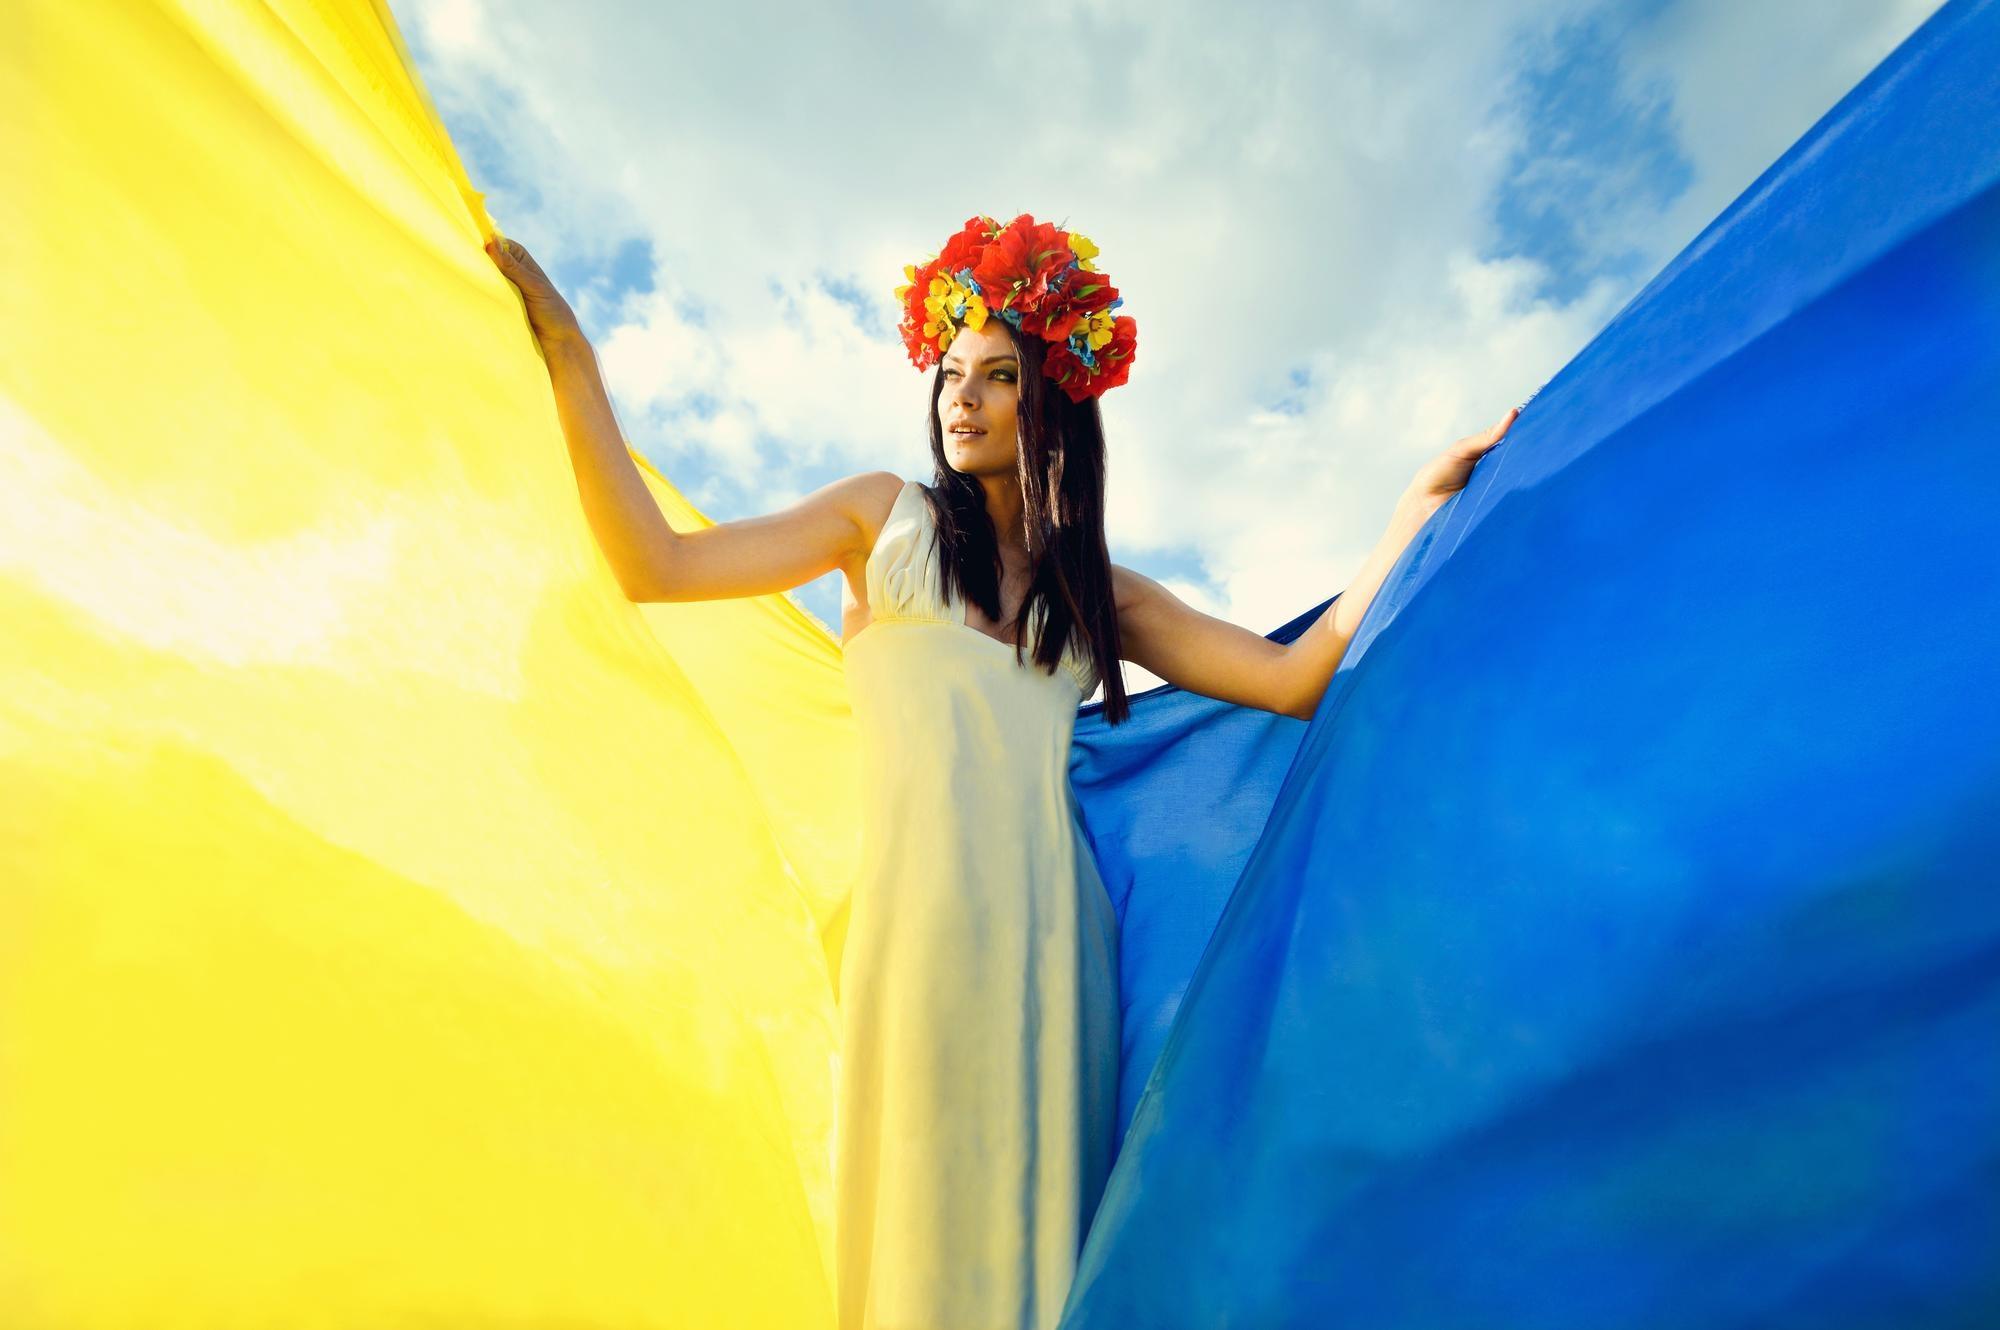 ukraincy-kak-naciya-chastnyy-socionicheskiy-vzglyad-neravnodushnogo-grazhdanina-6